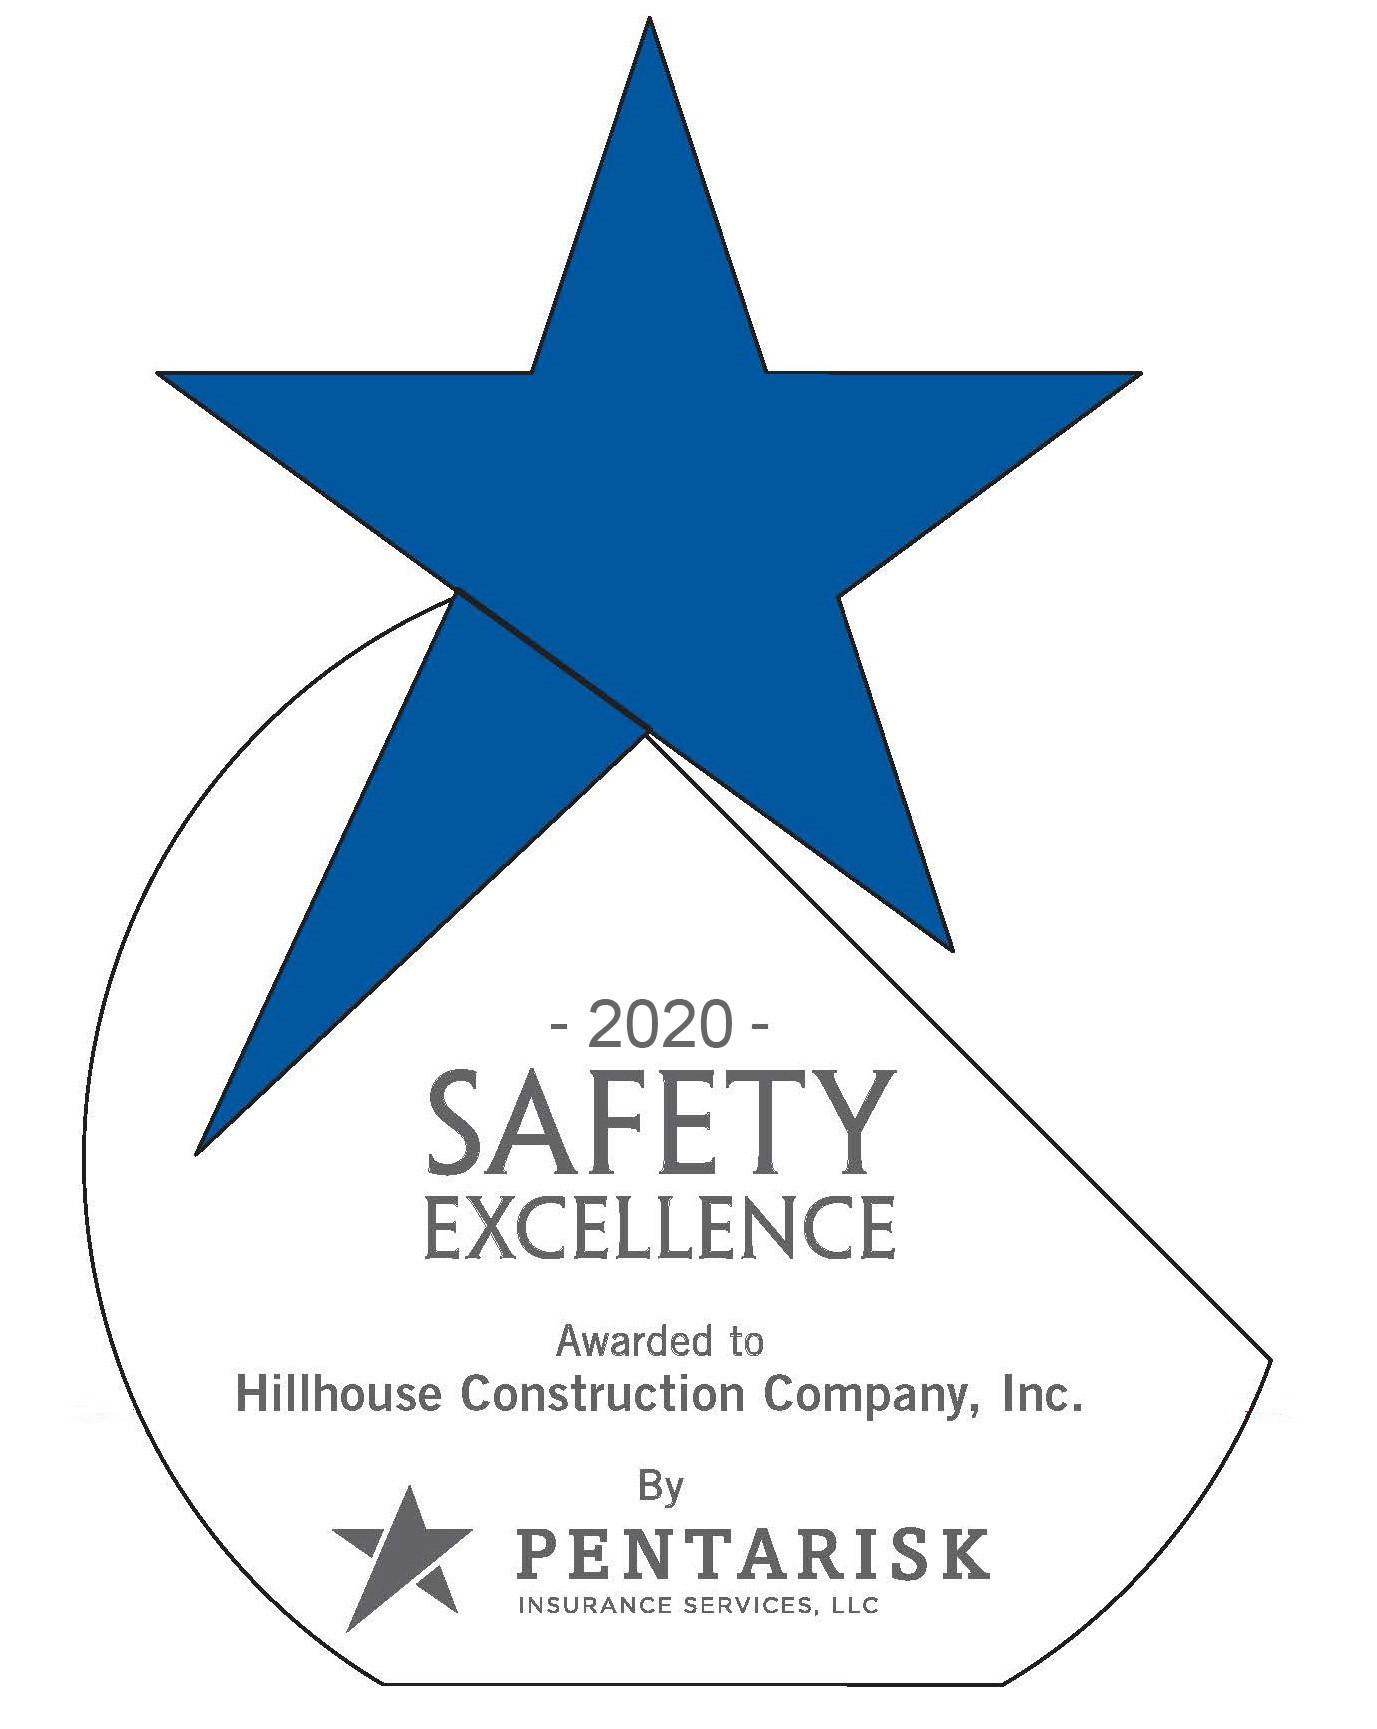 Award: 2020 Safety Excellence Award